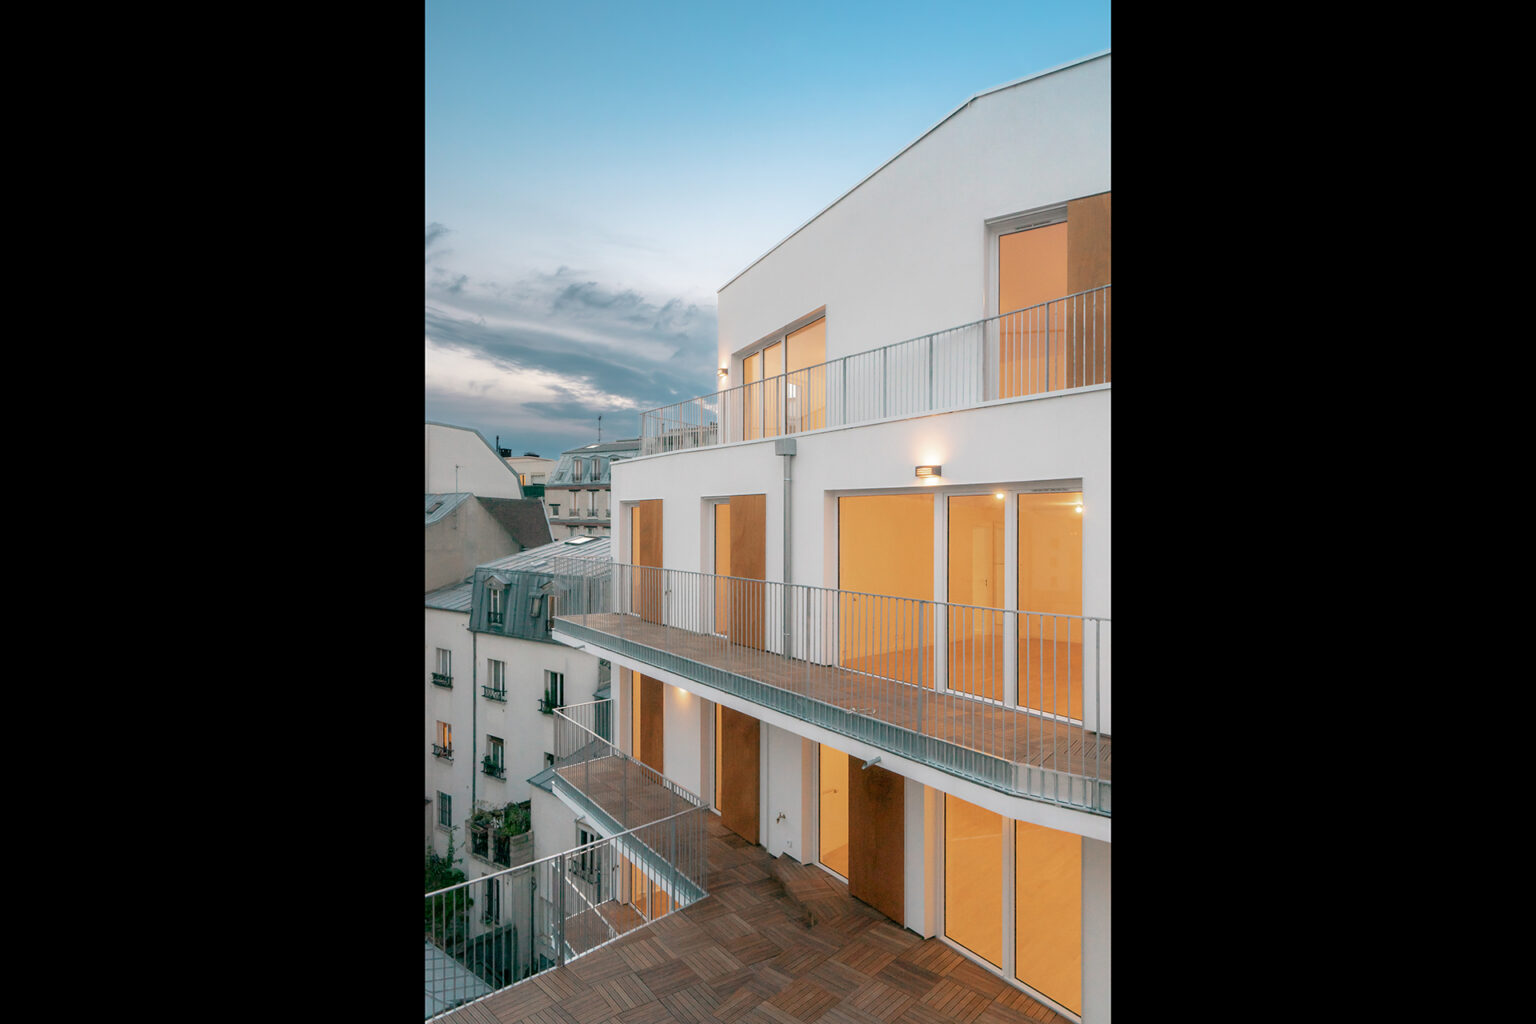 mobile architectural office - Construction neuve de 25 logements et une crèche de 60 berceaux à Paris 20e © Nicolas Grosmond